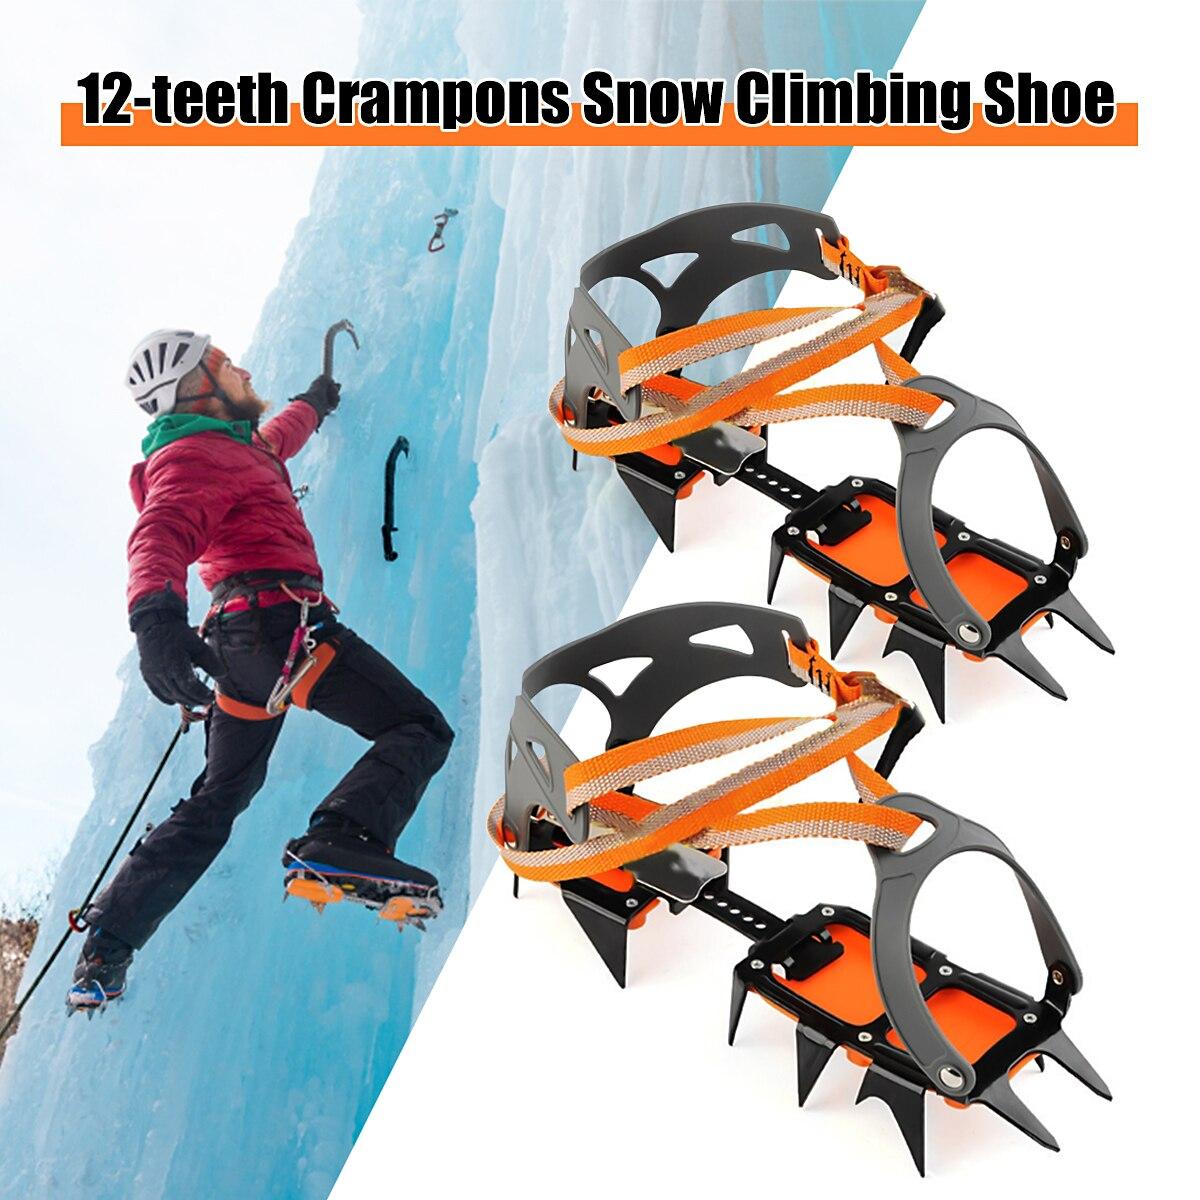 1 paire Crampons À Glace Non-Slip Neige Chaussures Pointes Grips Crampons crampons D'hiver Escalade Randonnée Anti Slip Outil de Sécurité